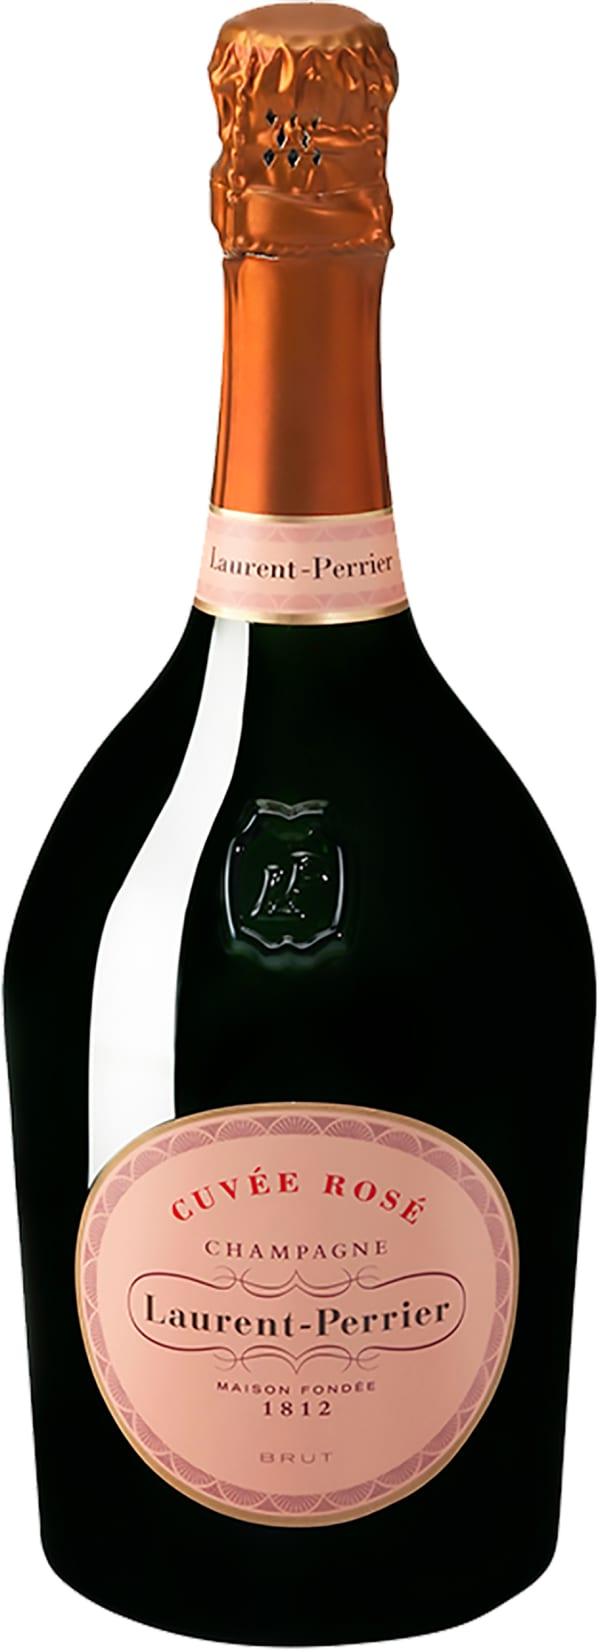 Laurent-Perrier Cuvée Rosé Champagne Brut